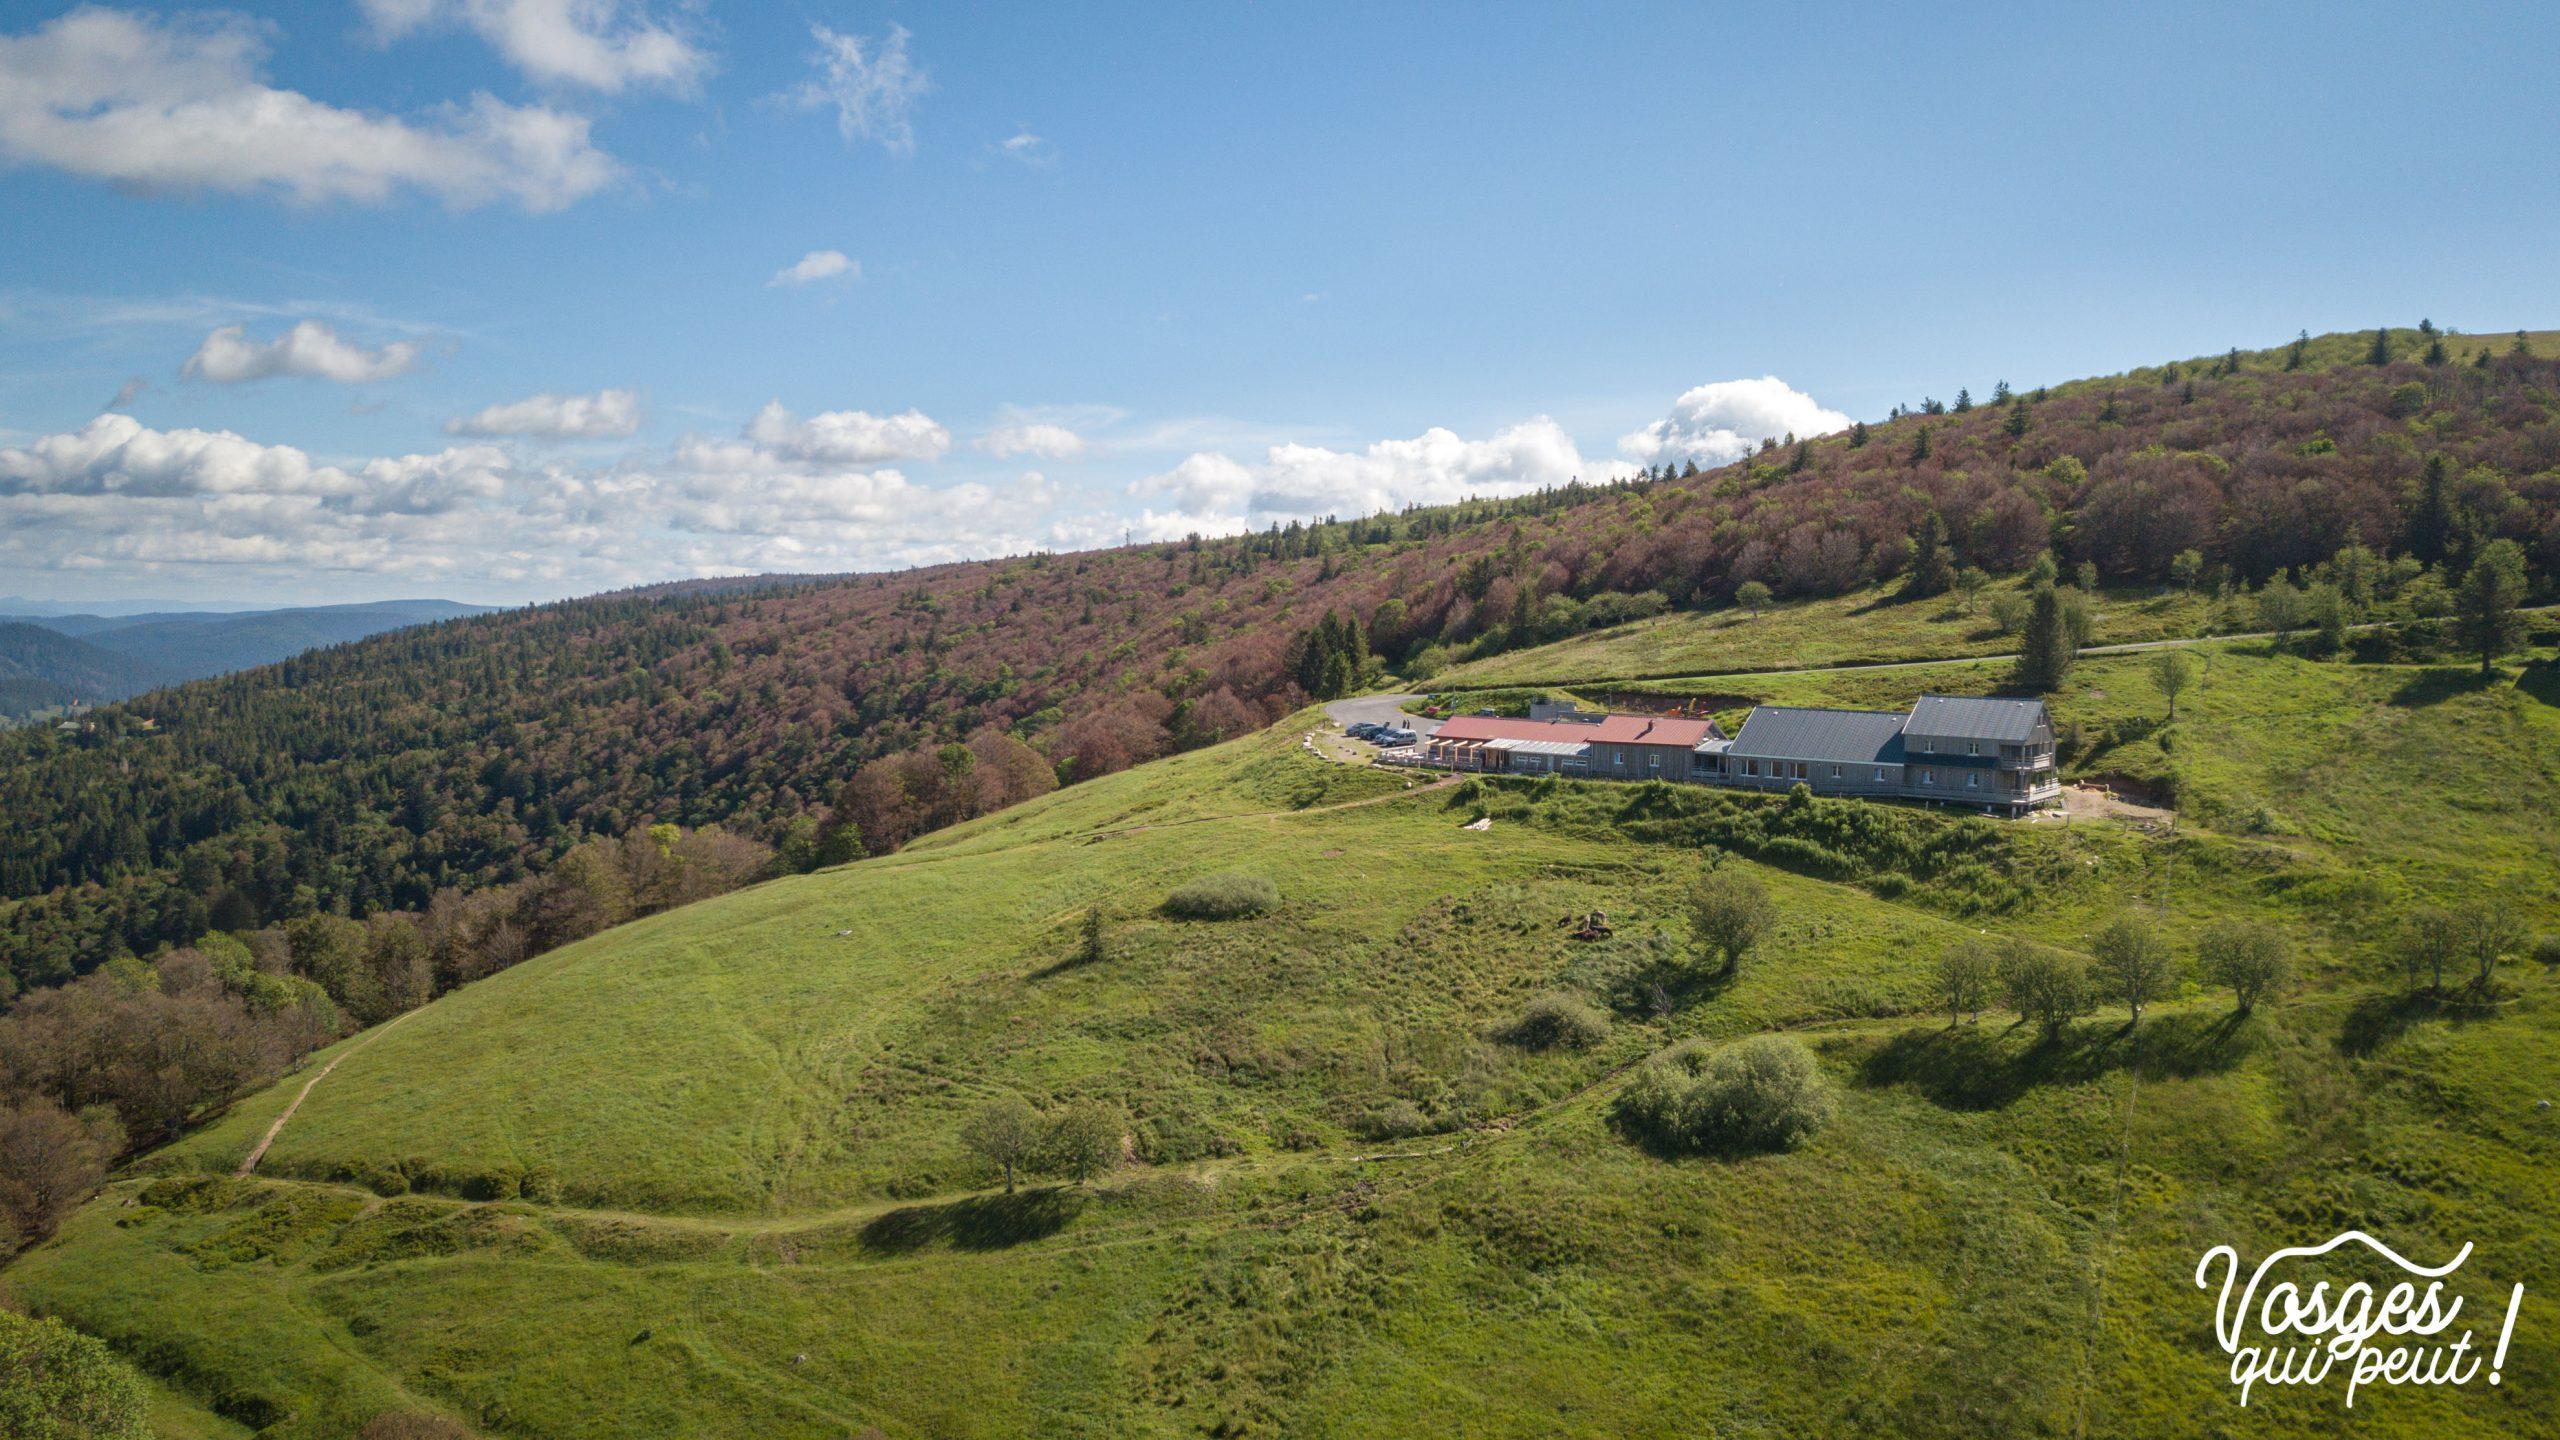 Vue aérienne du Refuge du Sotré dans les Vosges